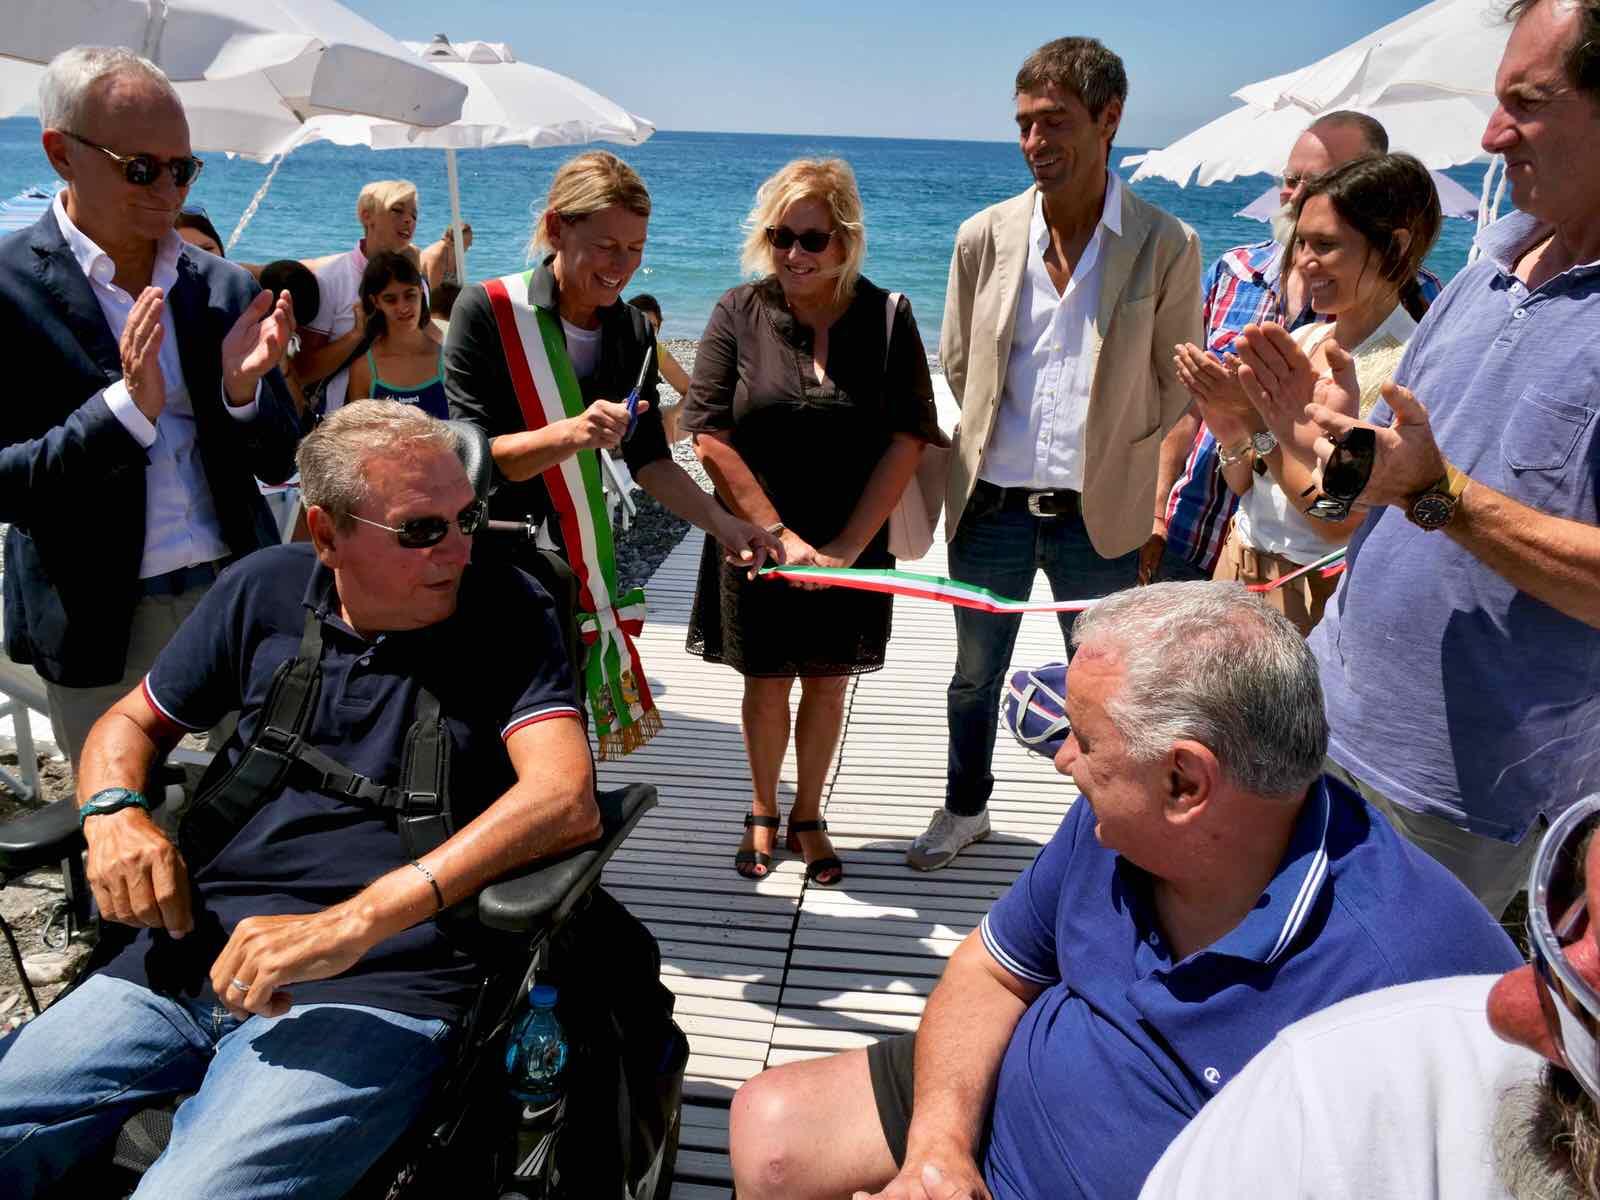 Inaugurazione spiaggia attrezzata di Lavagna per persone disabili 2019.07.16 - 6